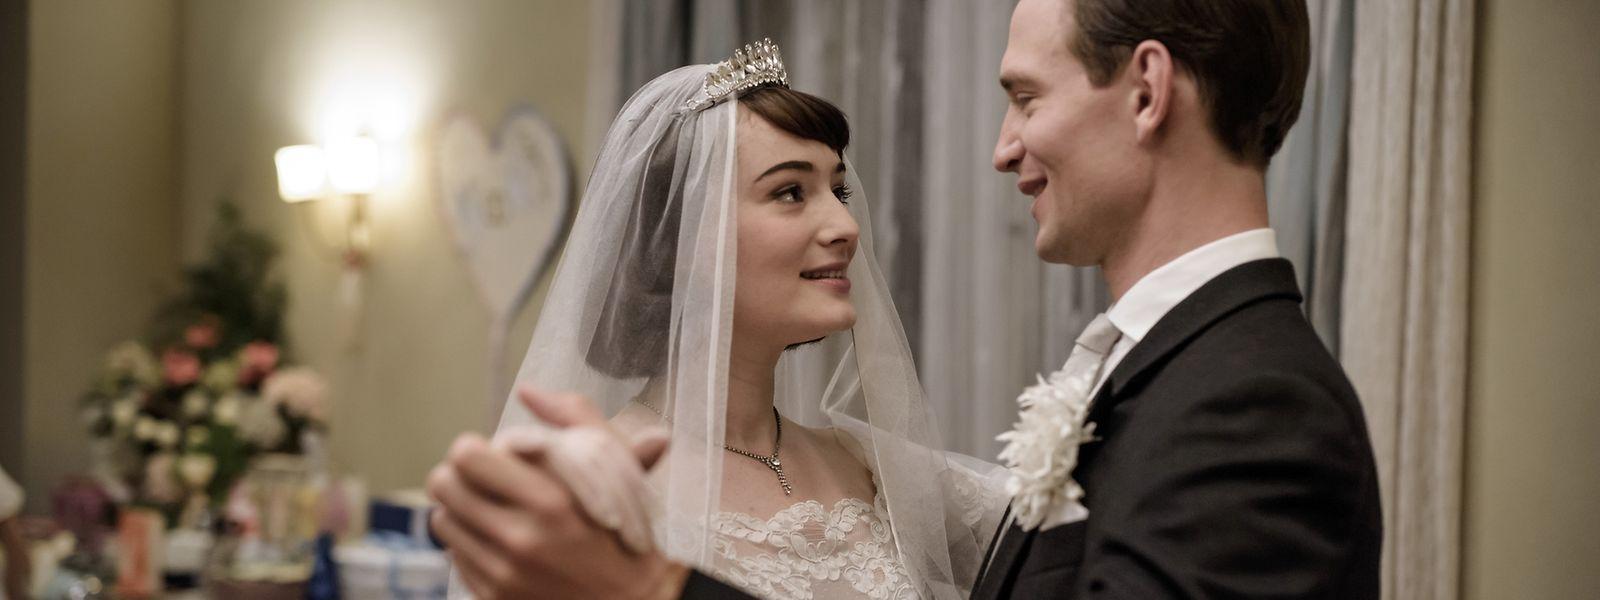 Noch ist die Welt in Ordnung: Helga von Boost (Maria Ehrich) beim Hochzeitstanz mit ihrem Ehemann Wolfgang von Boost (August Wittgenstein).